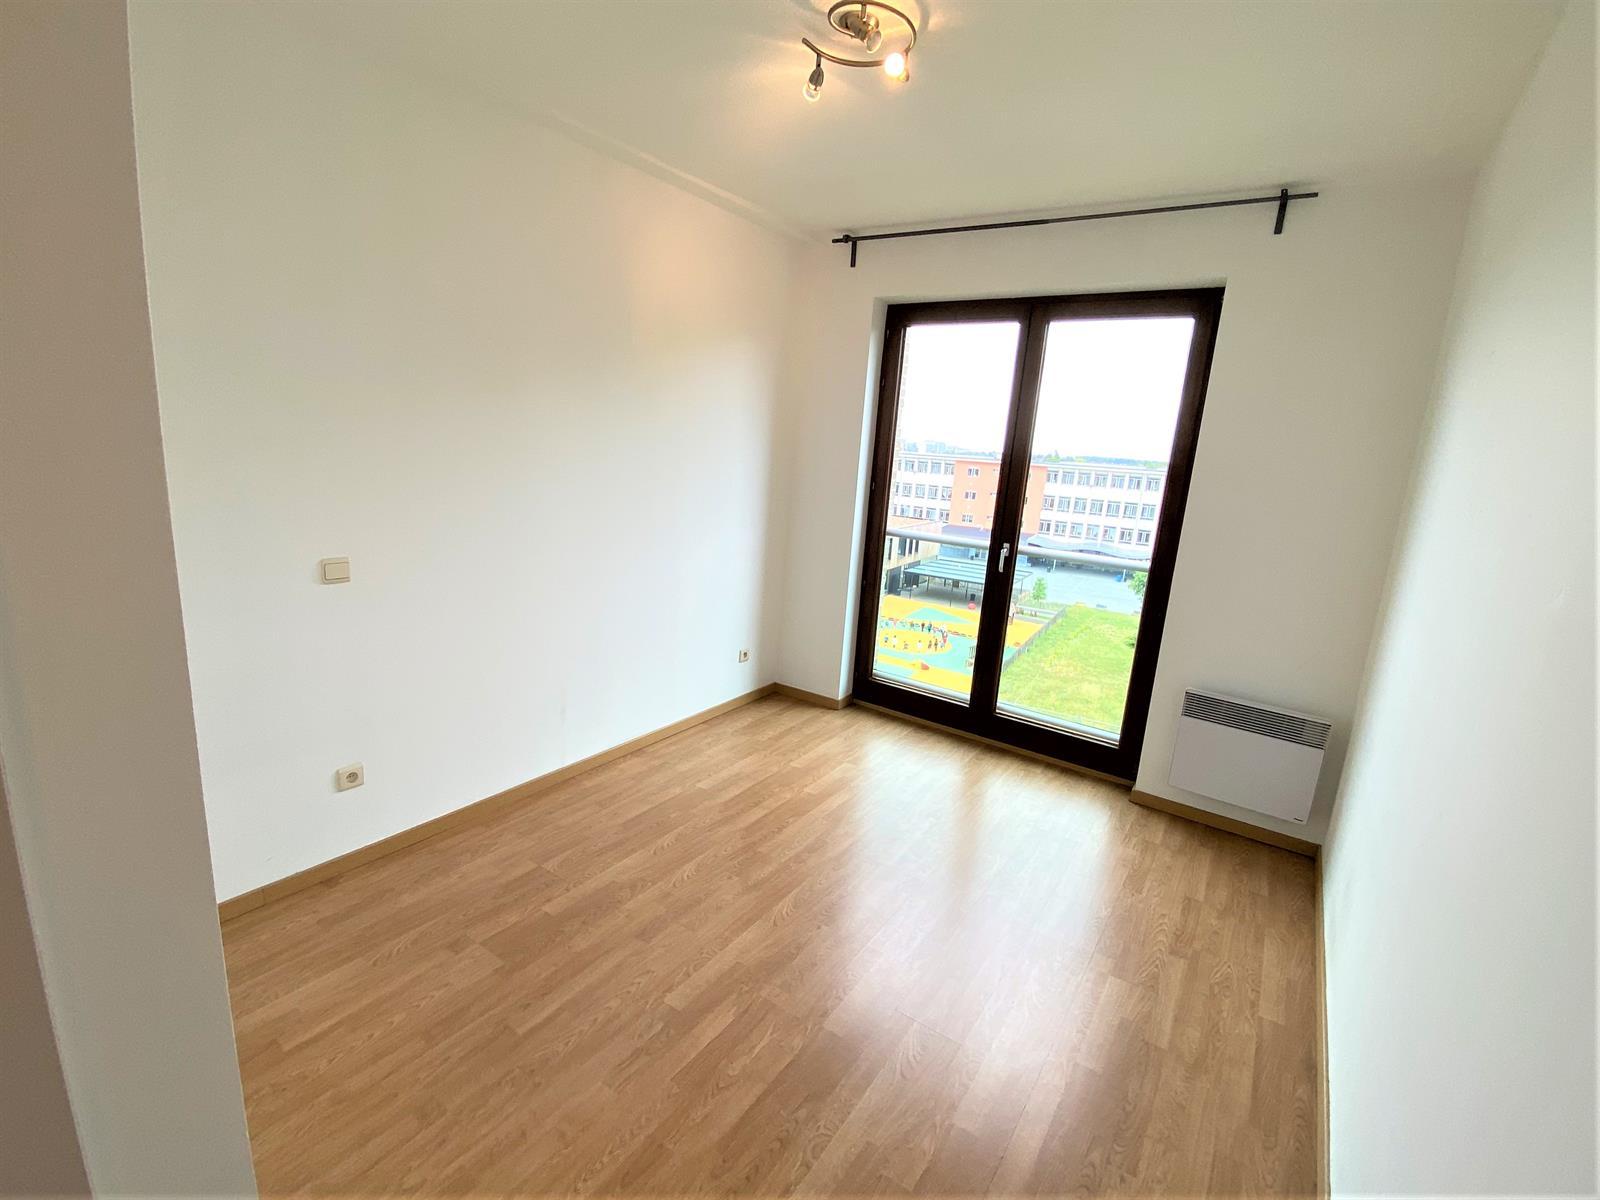 Appartement - Woluwe-Saint-Pierre - #4146297-4